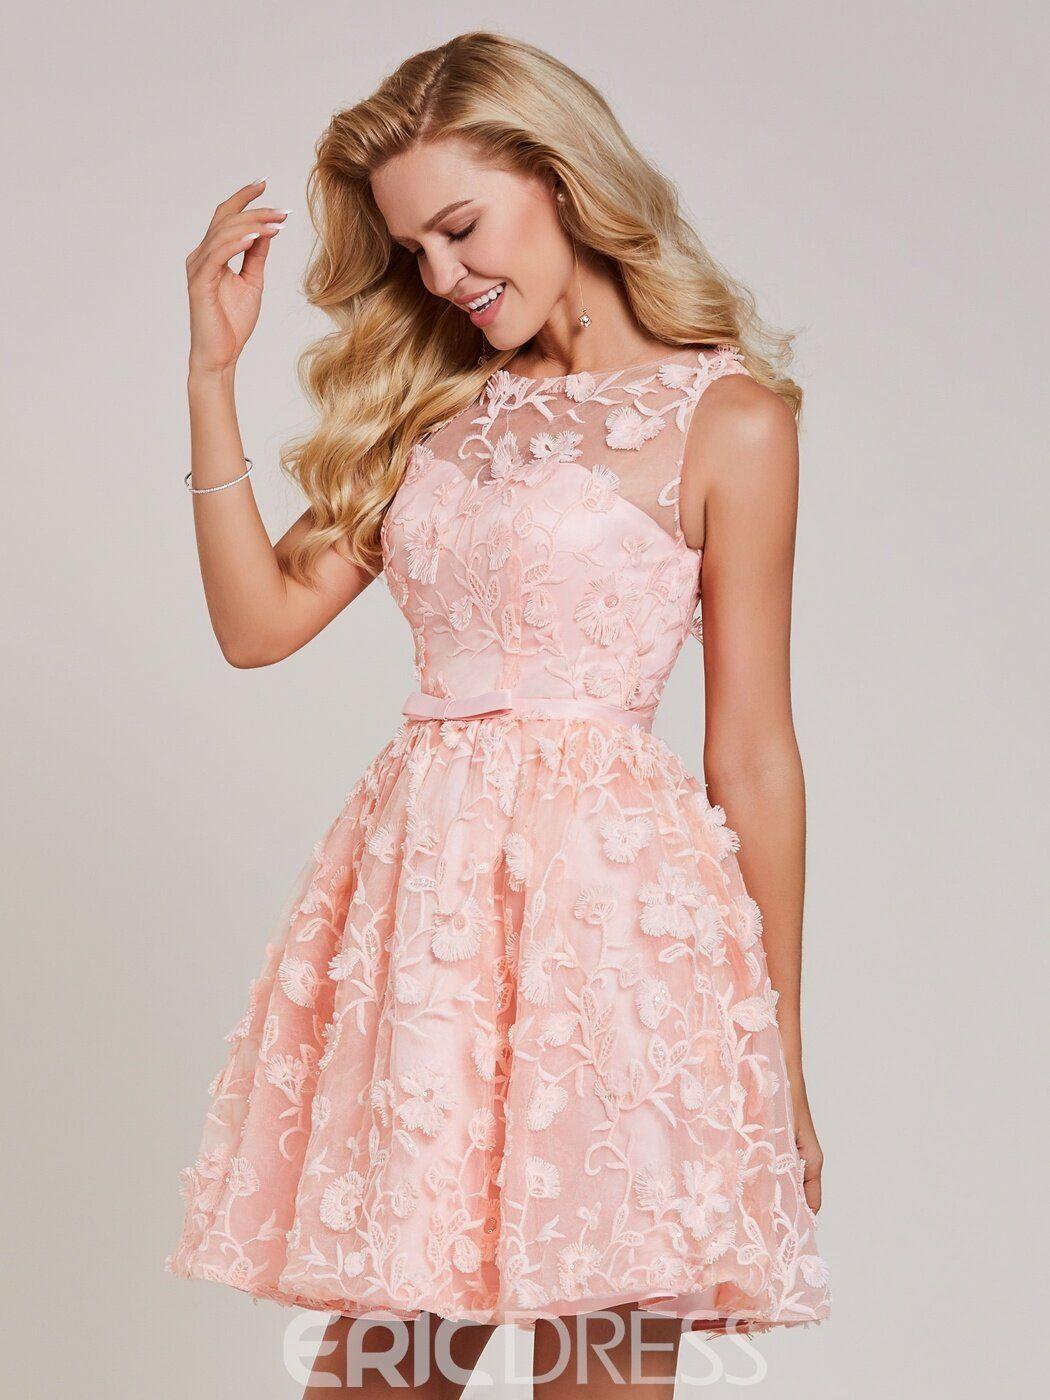 addeb5aa66b 100 фото новинок: Розовое платье - модные тенденции, тренды, фасоны,  сочетания.